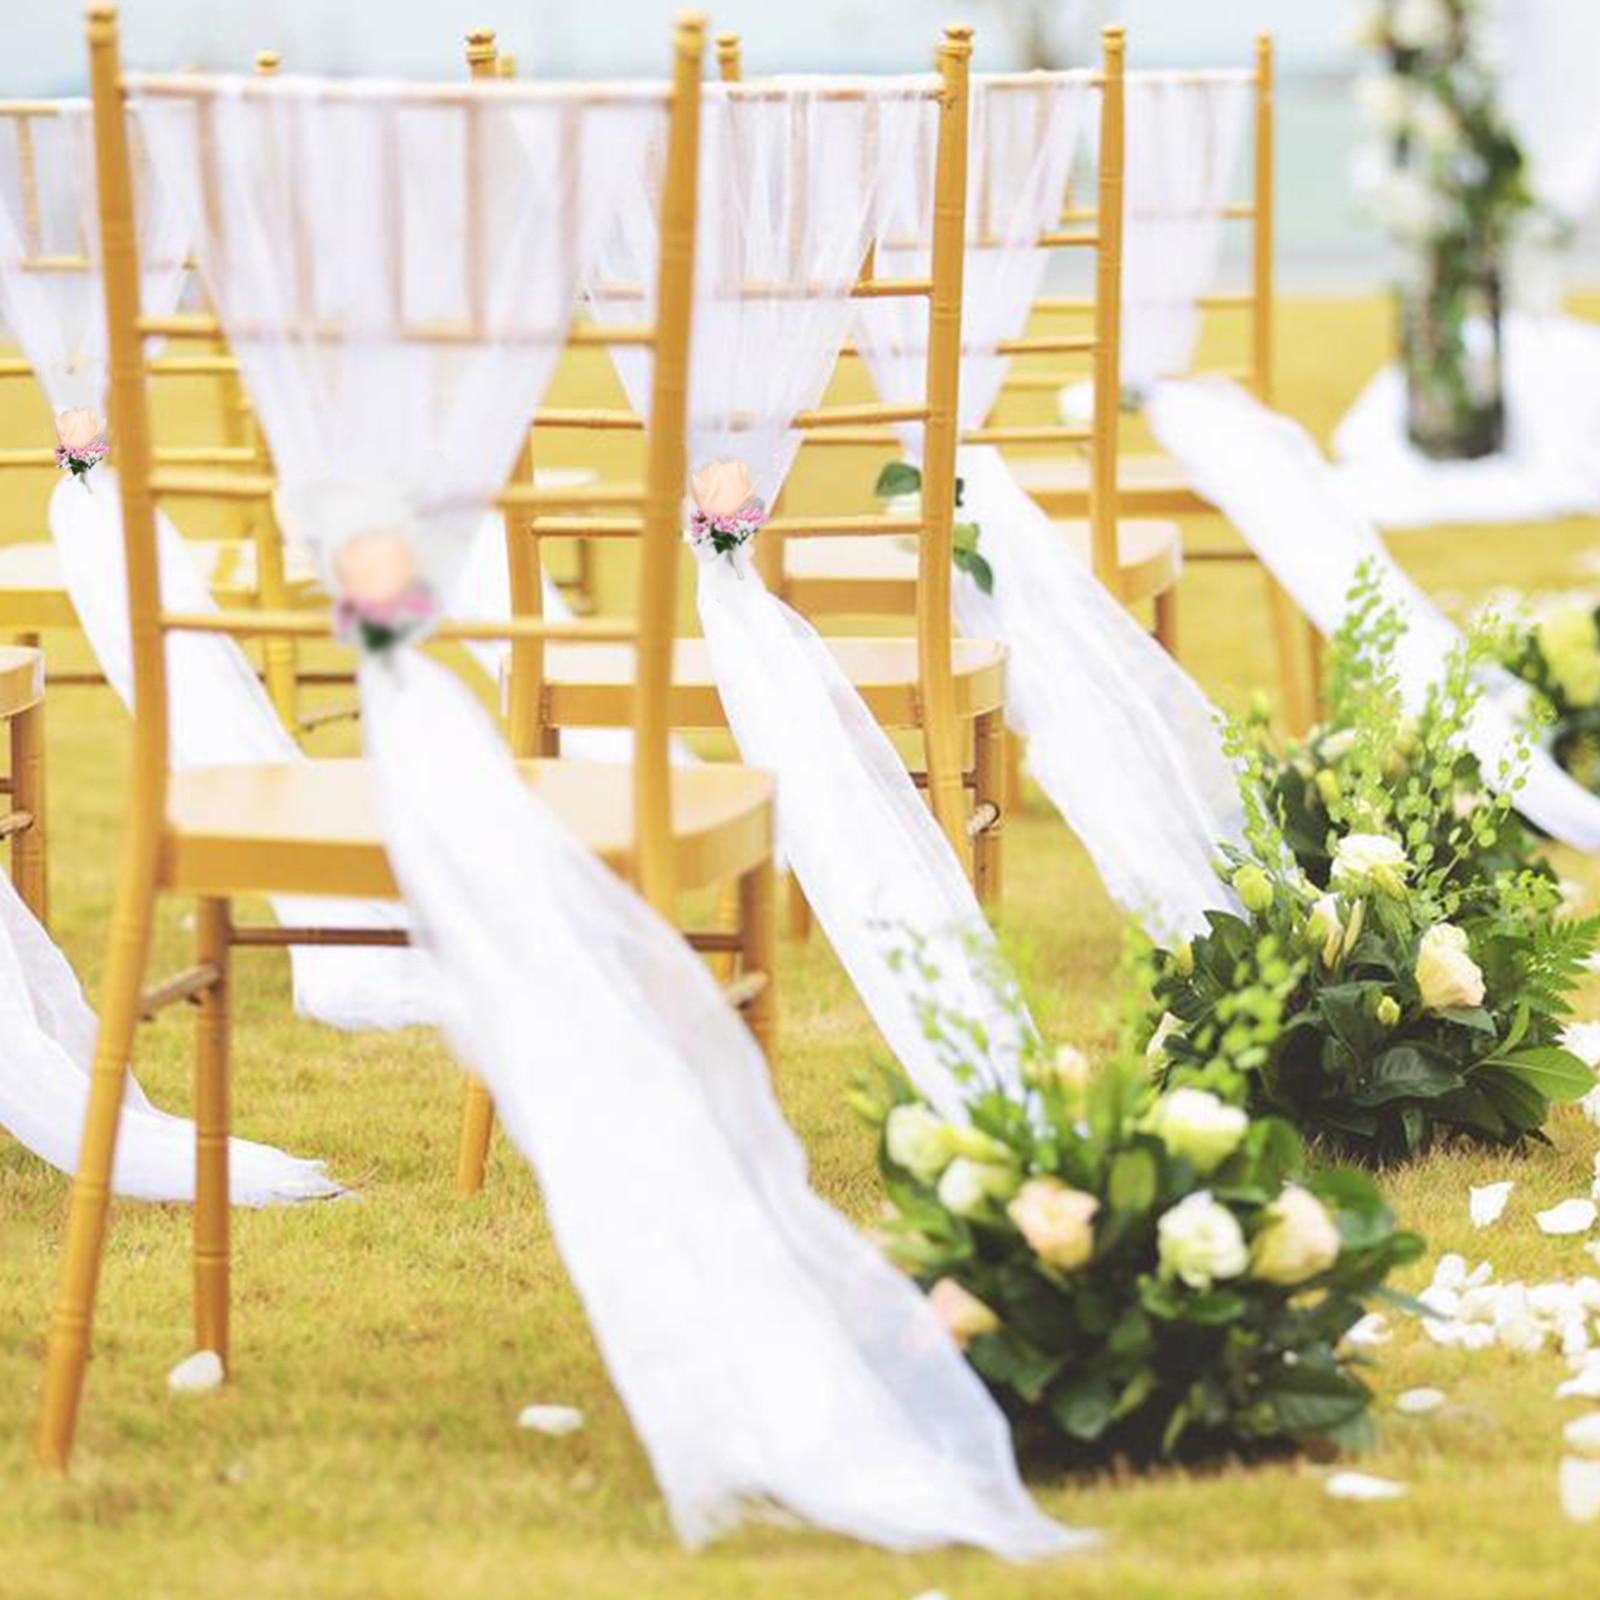 Spiaggia tema di nozze 30 pz bianco della Sedia del Organza Fiocchi e Fasce con il bianco Champagne fiore di rosa per la Cerimonia Nuziale Del Partito Banchetto della Sedia Decorazione